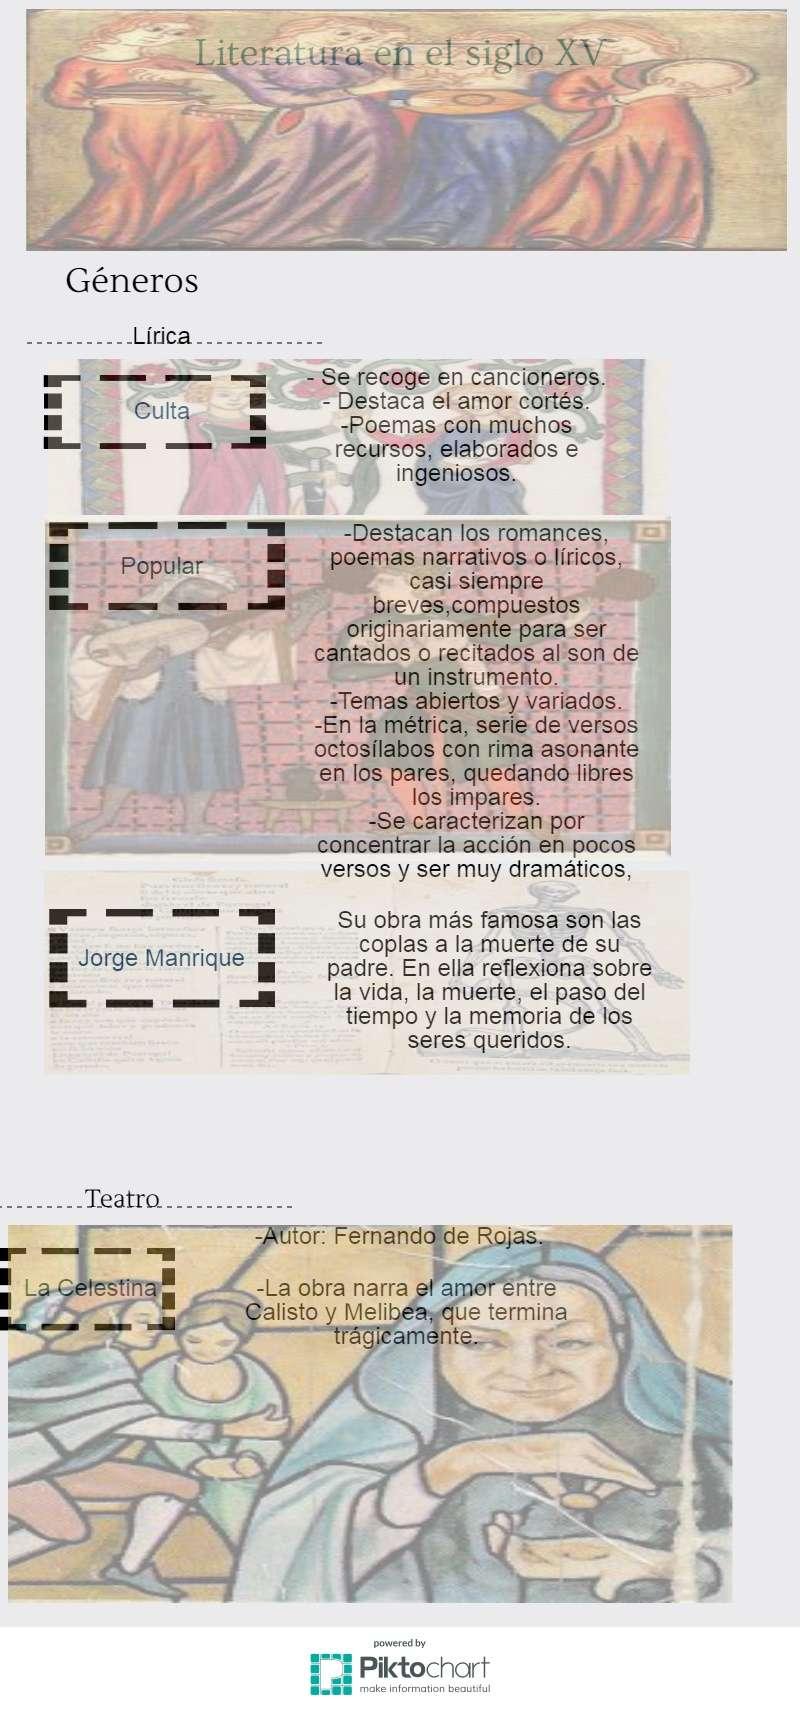 infogr10.jpg